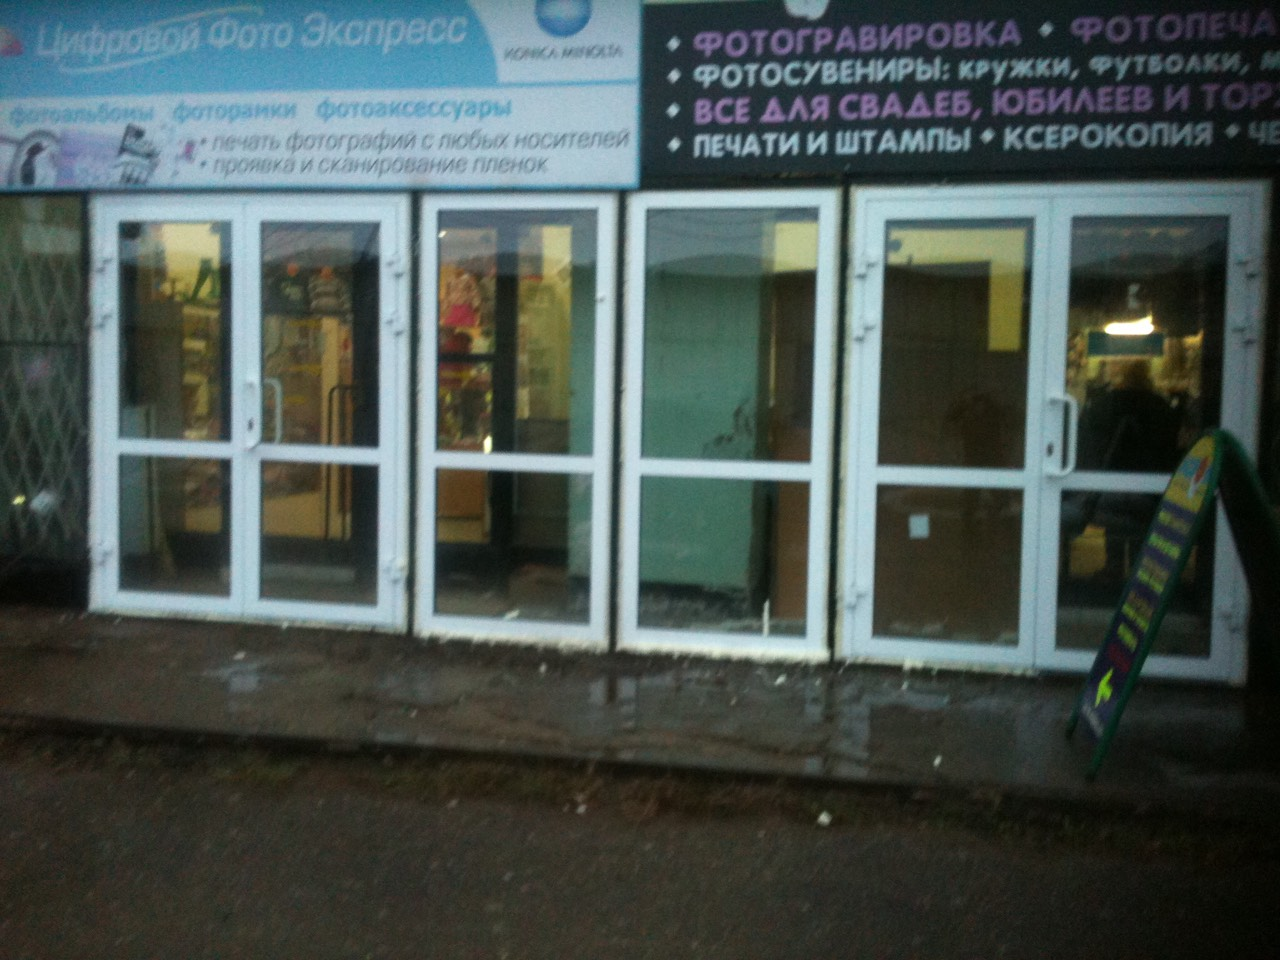 Алюминиевая входная группа (вход в магазин) -однокамерный стеклопакет. Цена 60 тыс руб